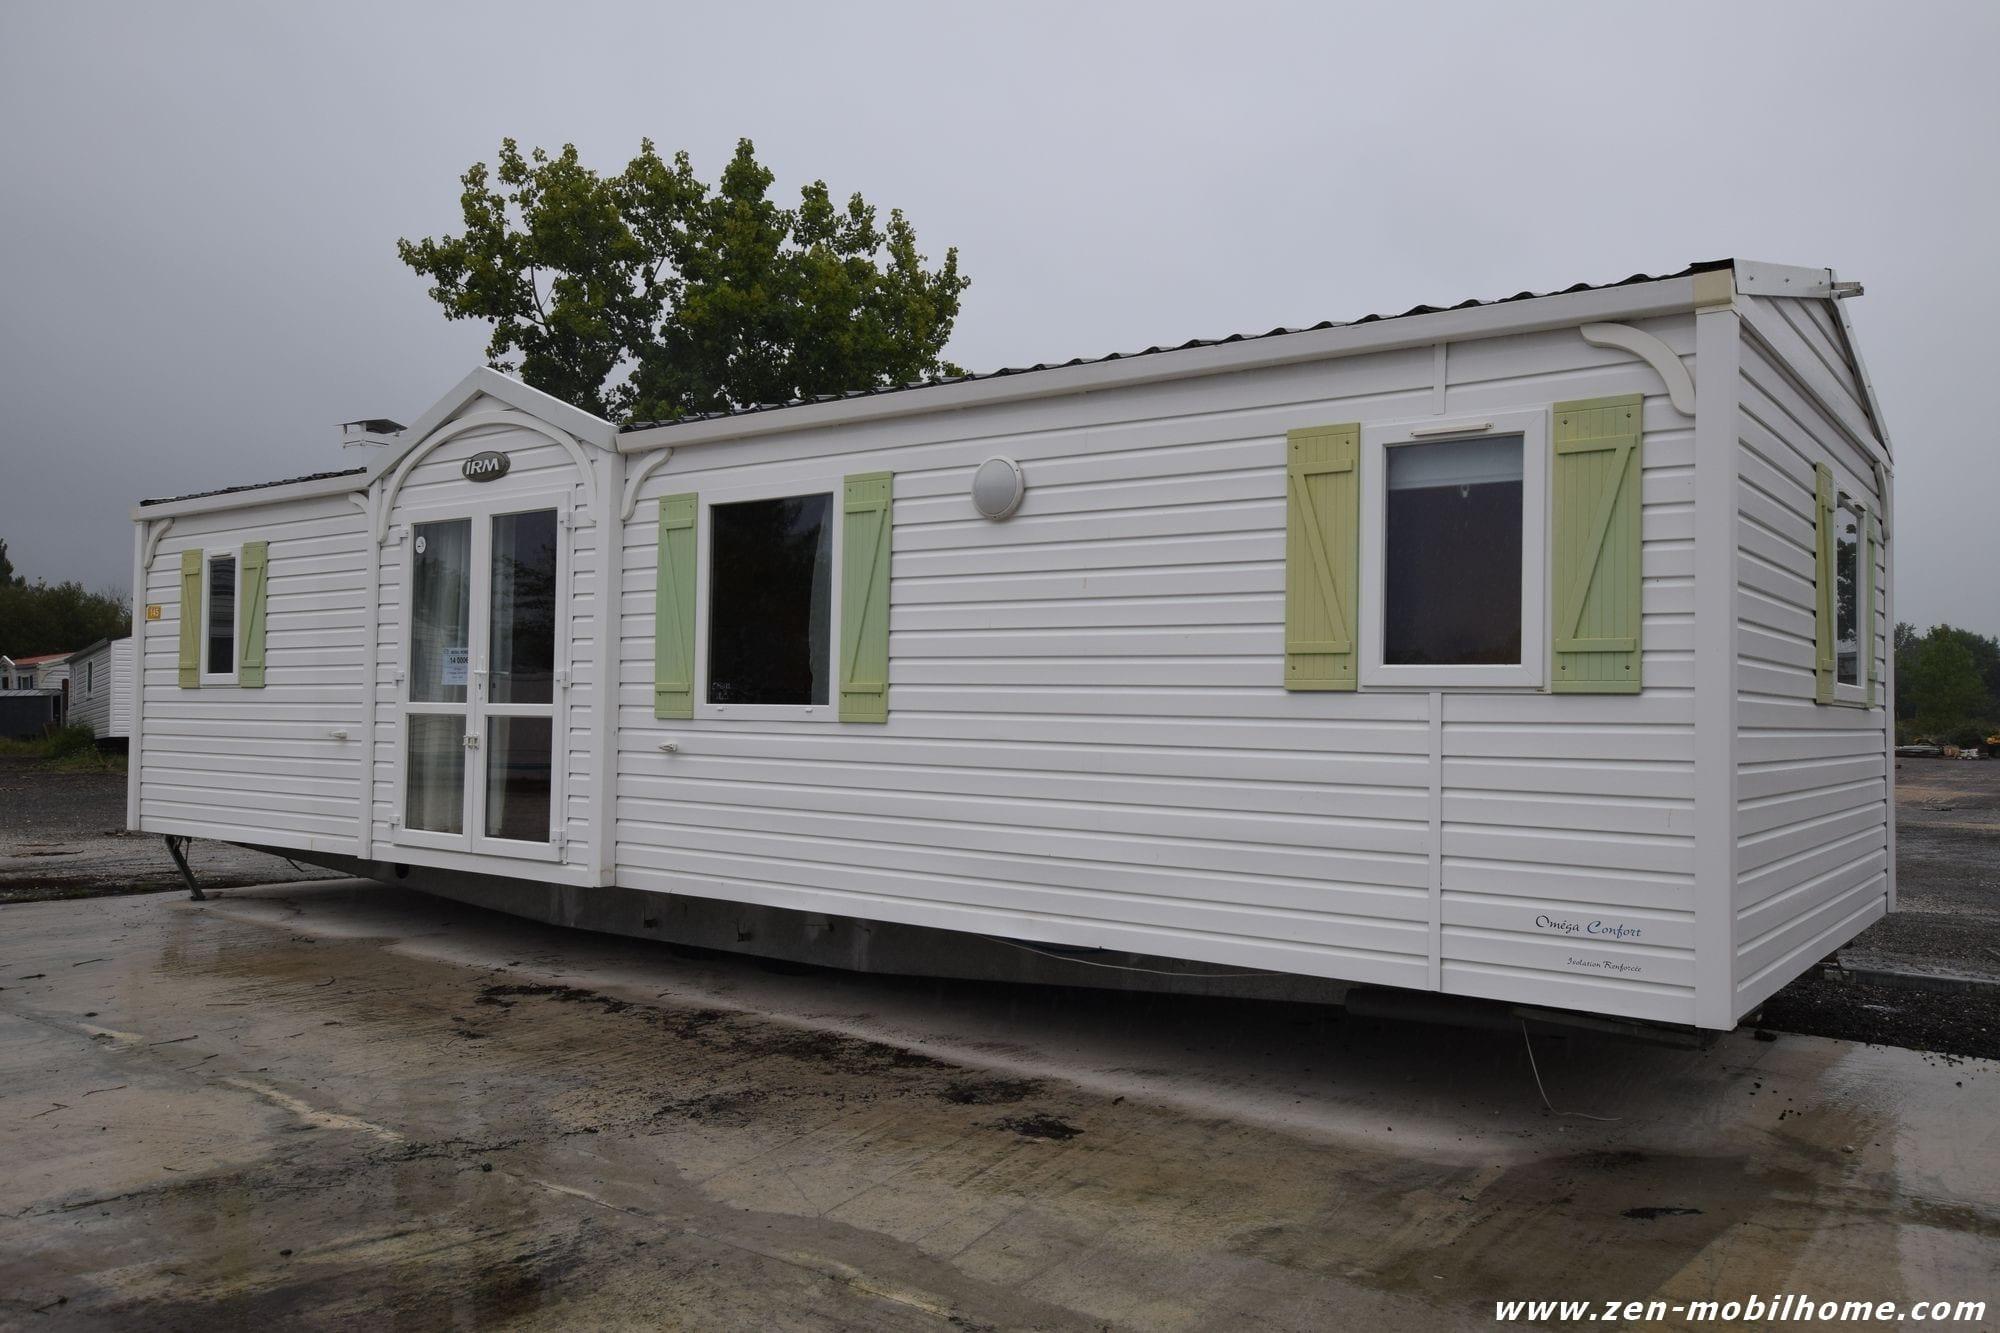 irm omega mobil home d 39 occasion 14 000 zen mobil homes. Black Bedroom Furniture Sets. Home Design Ideas